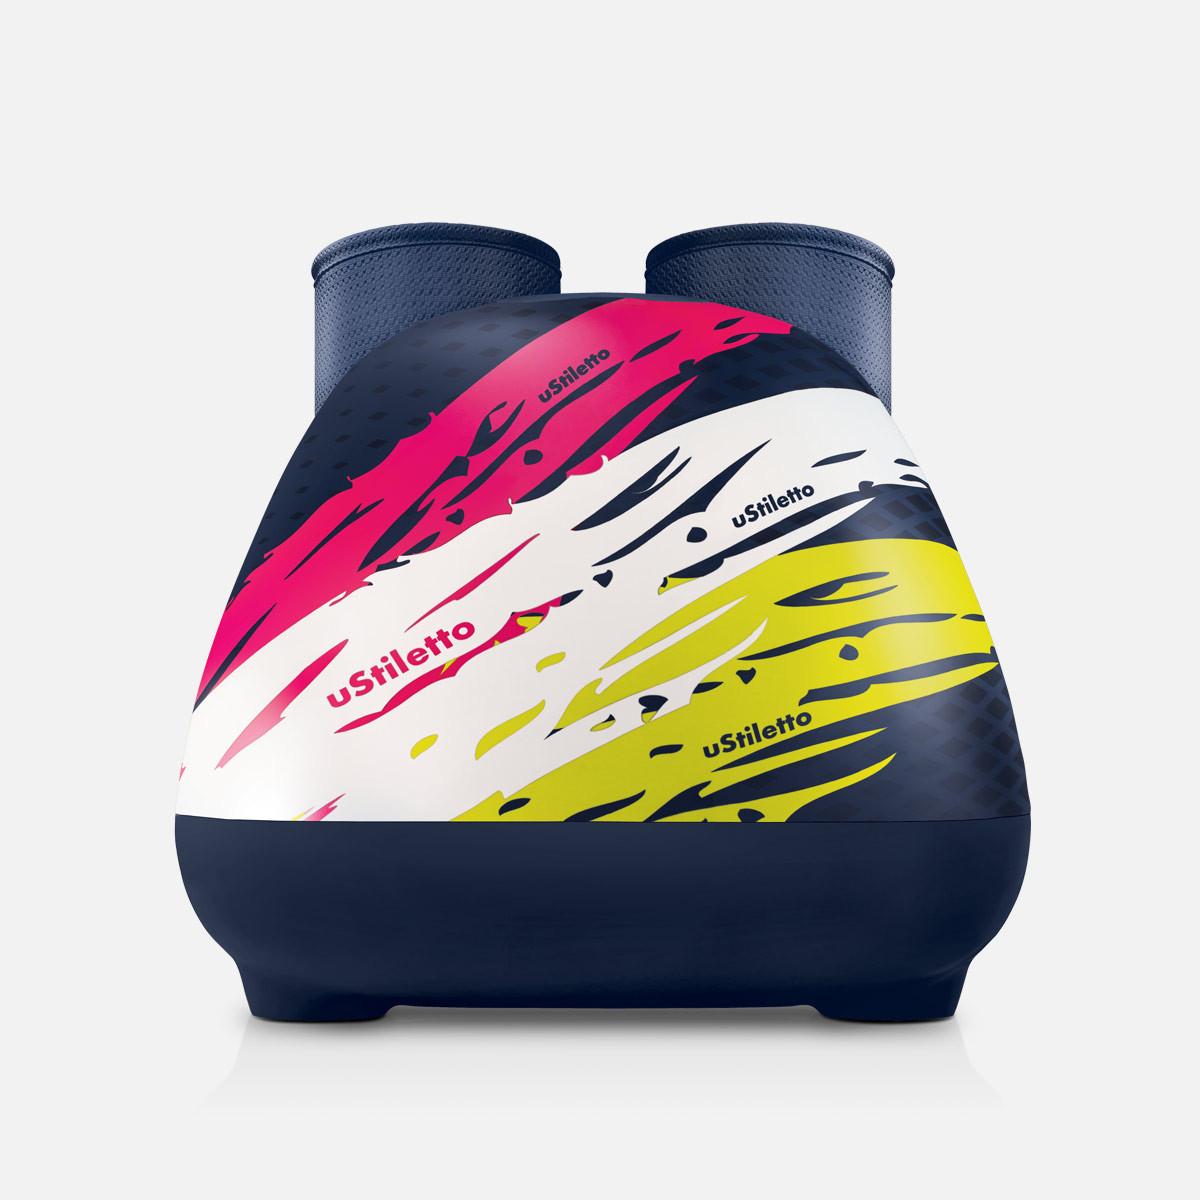 uStiletto Leg Massager (Sporty)